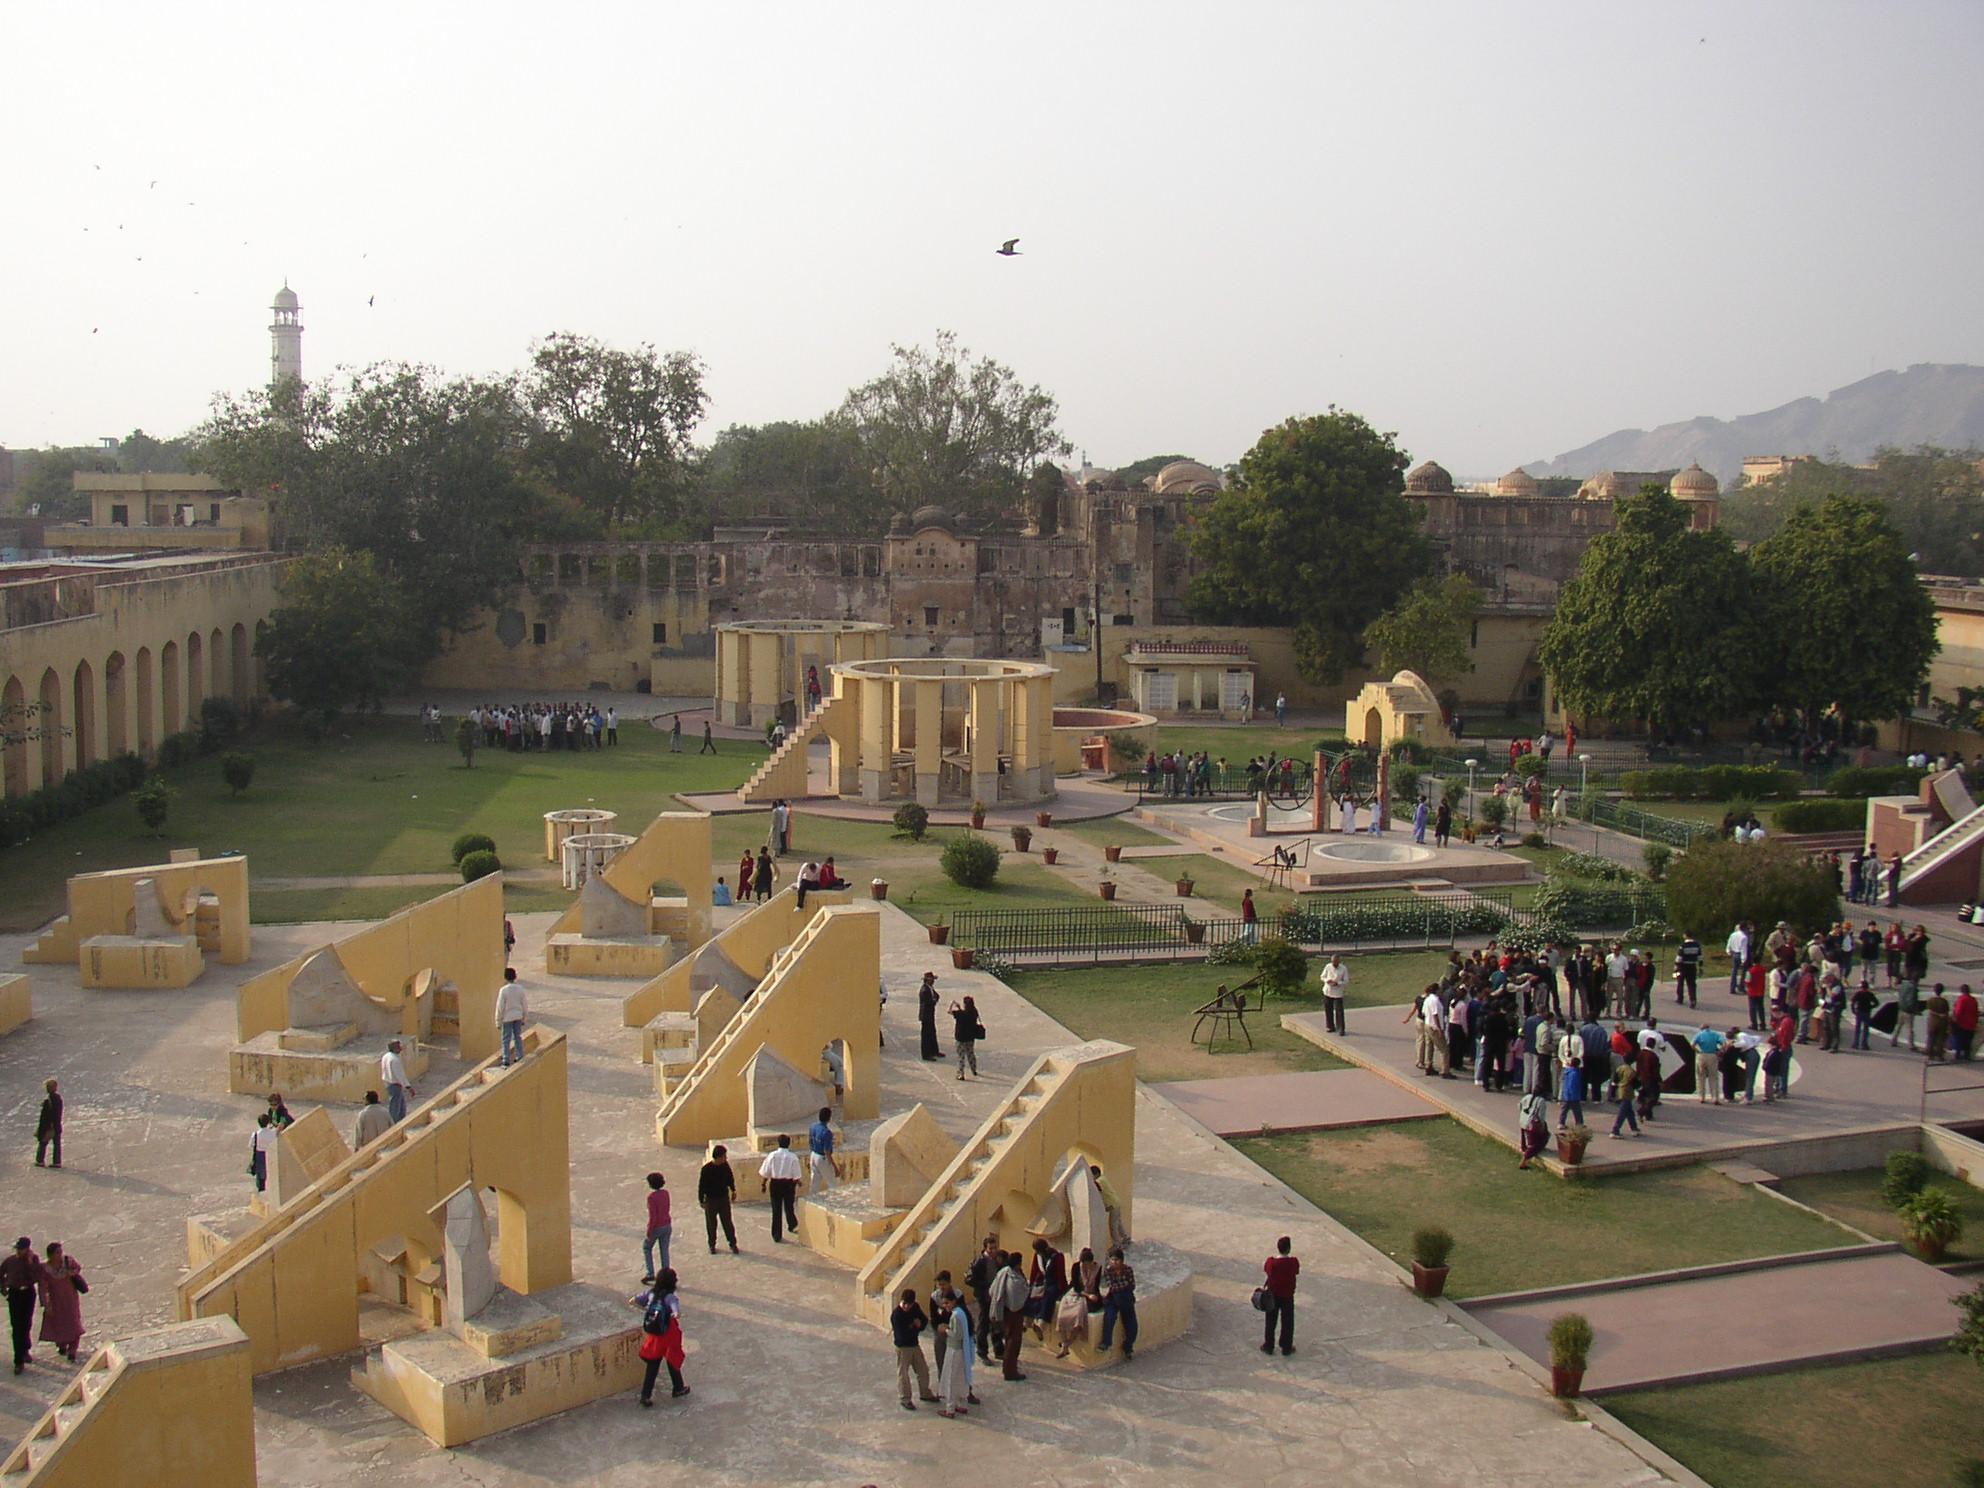 Jaipur Jantar Mantar, aerial view